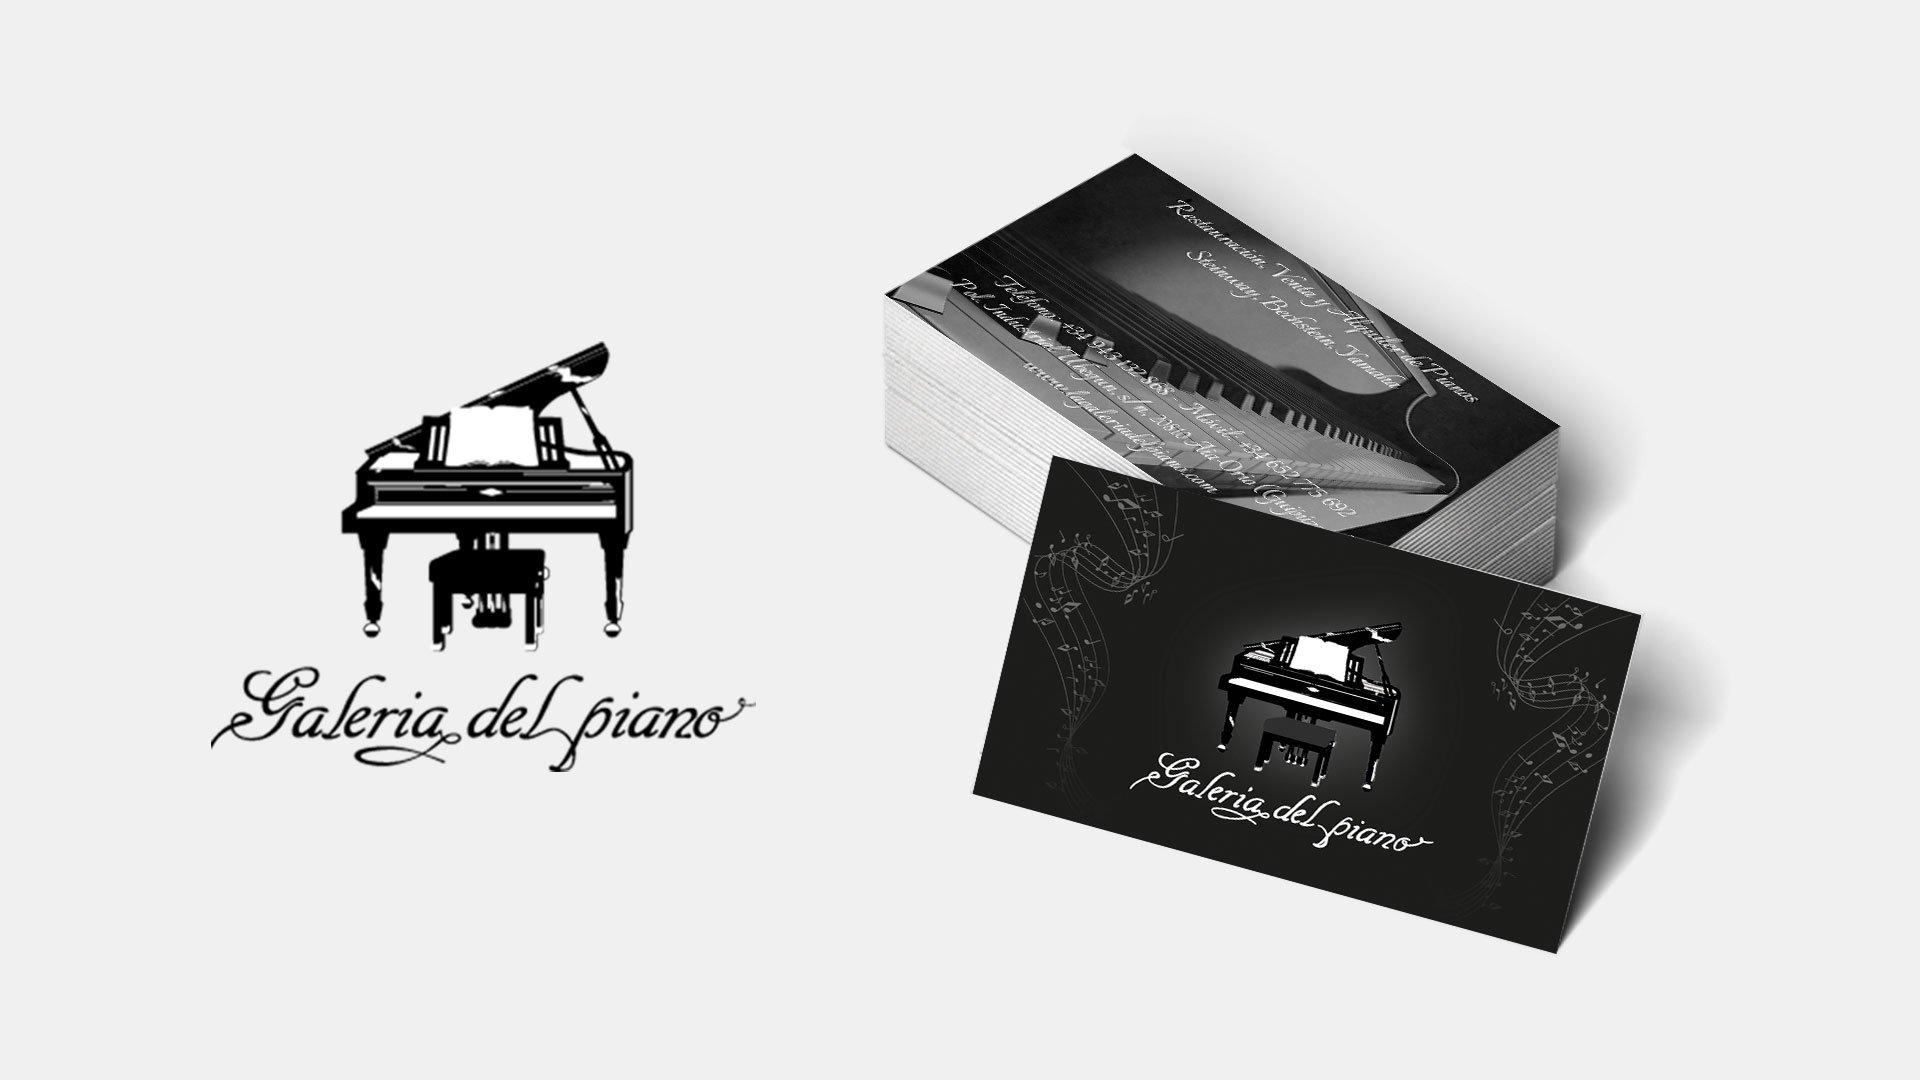 Diseño de tarjetas La Galería del Piano